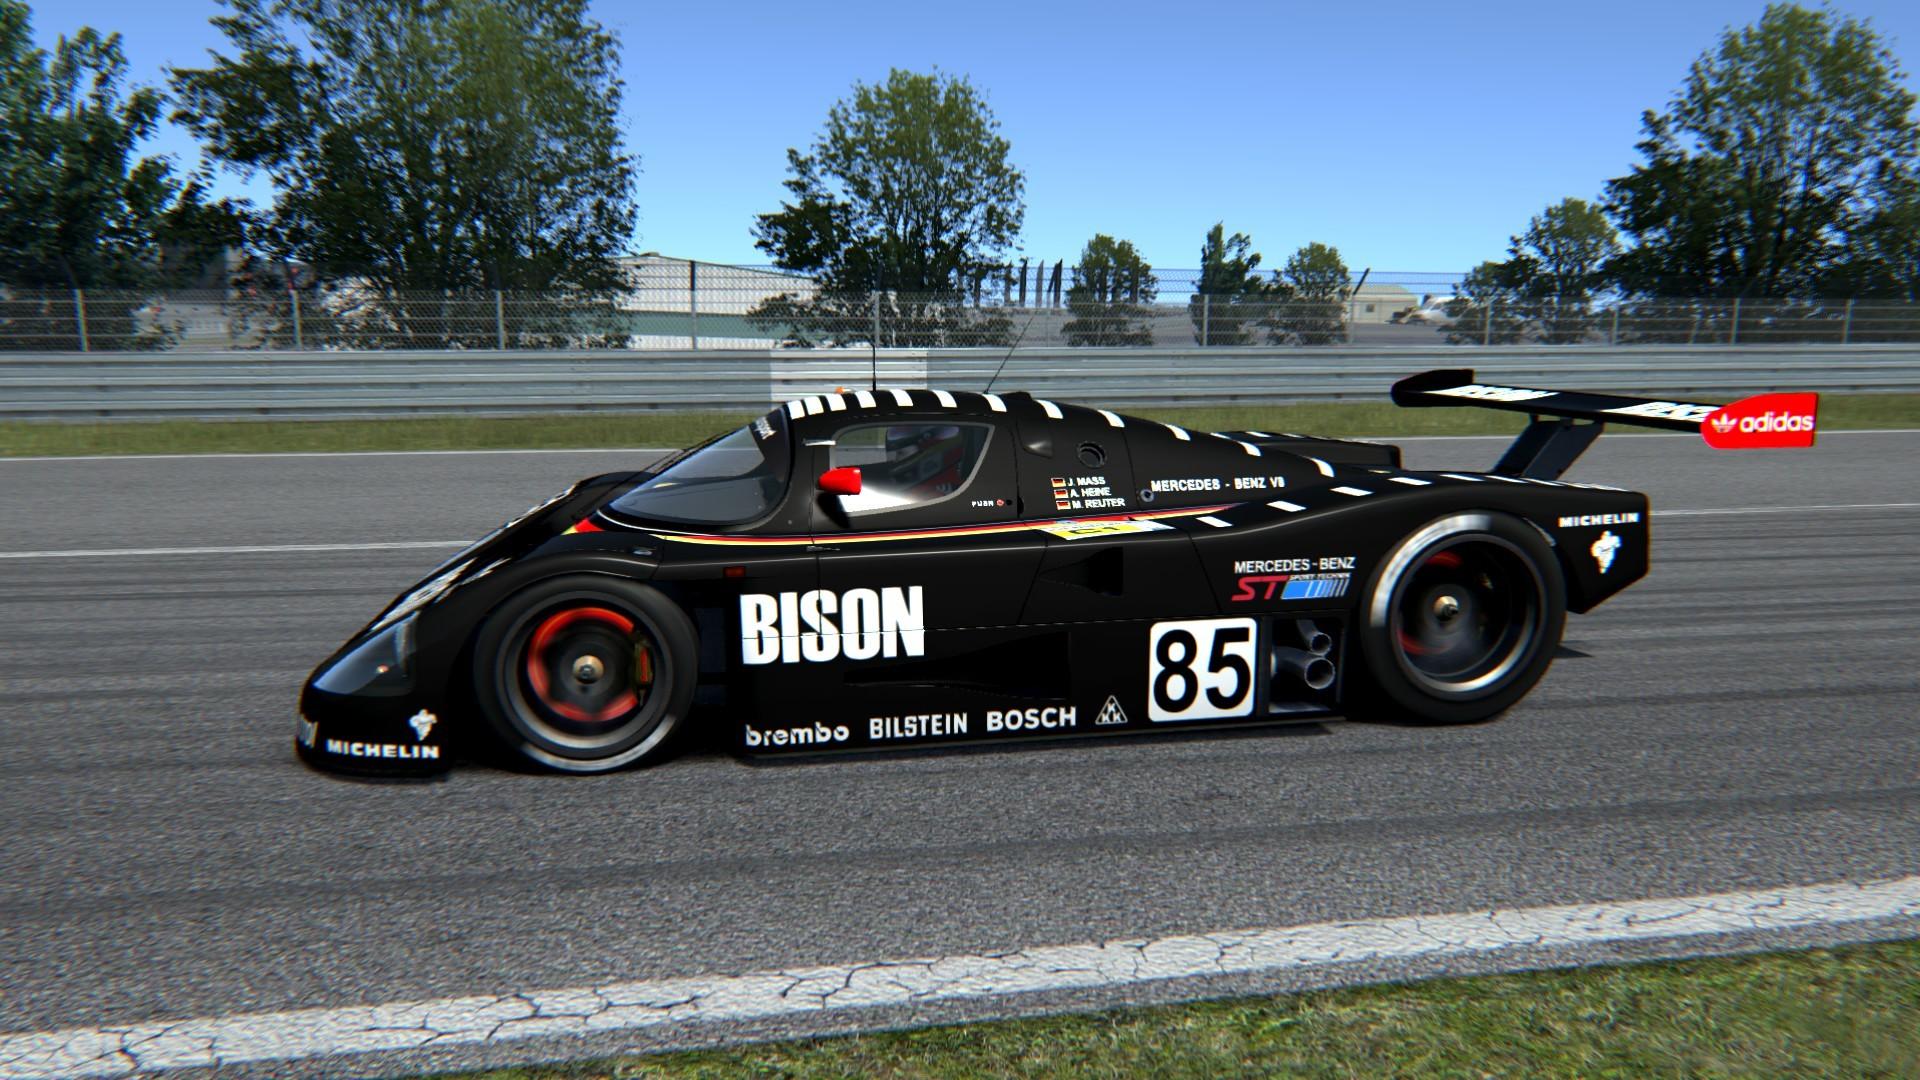 bison_c9_03.jpg